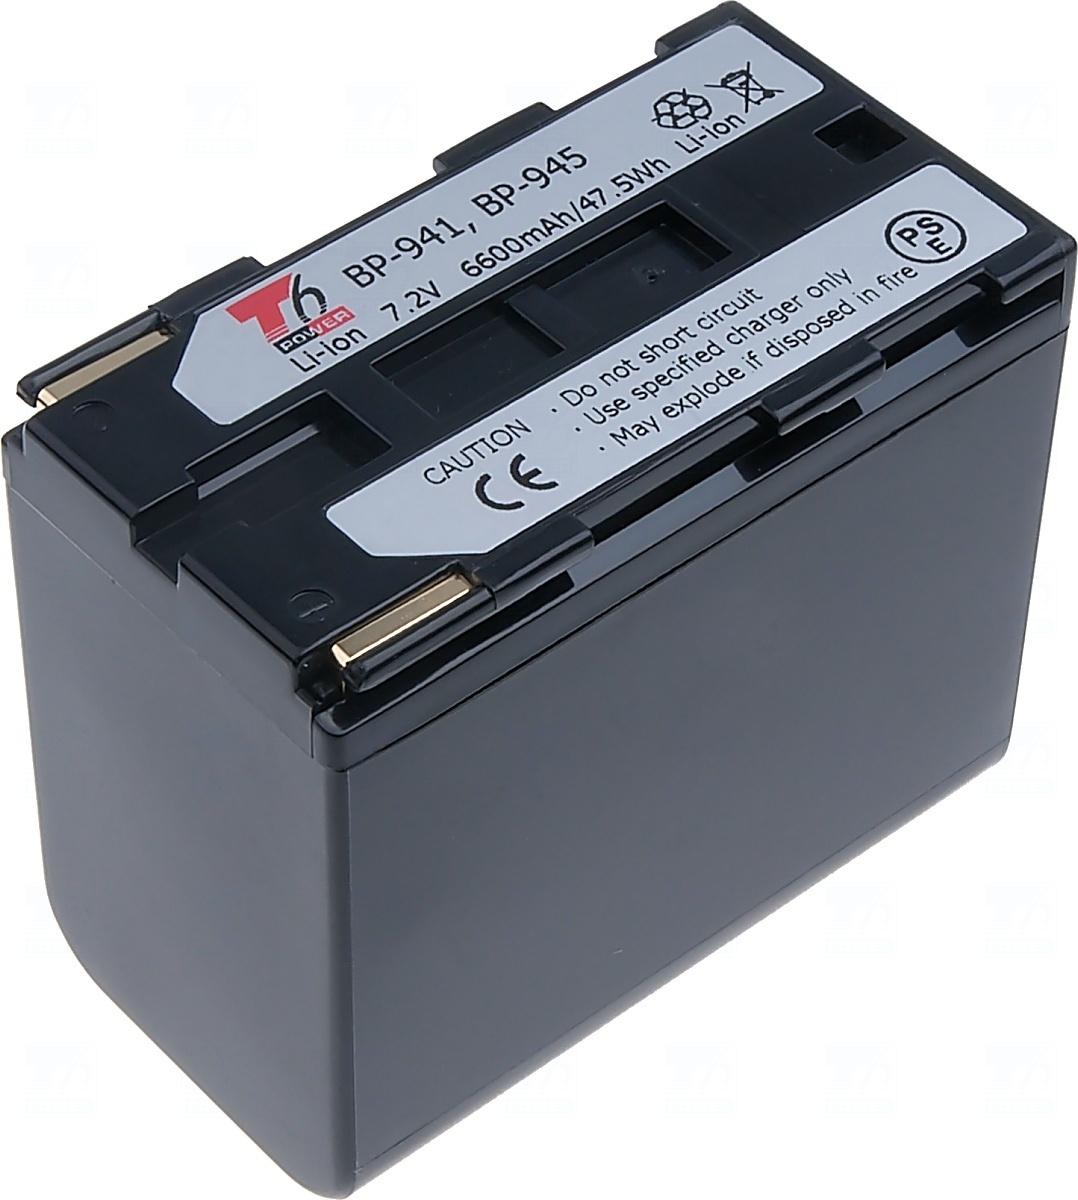 Baterie T6 power BP-941, BP-945, BP-911, BP-911K, BP-914, BP-915, BP-924, BP-925, BP-927, BP-930, BP-930E, BP-930R, BP-950, BP-955